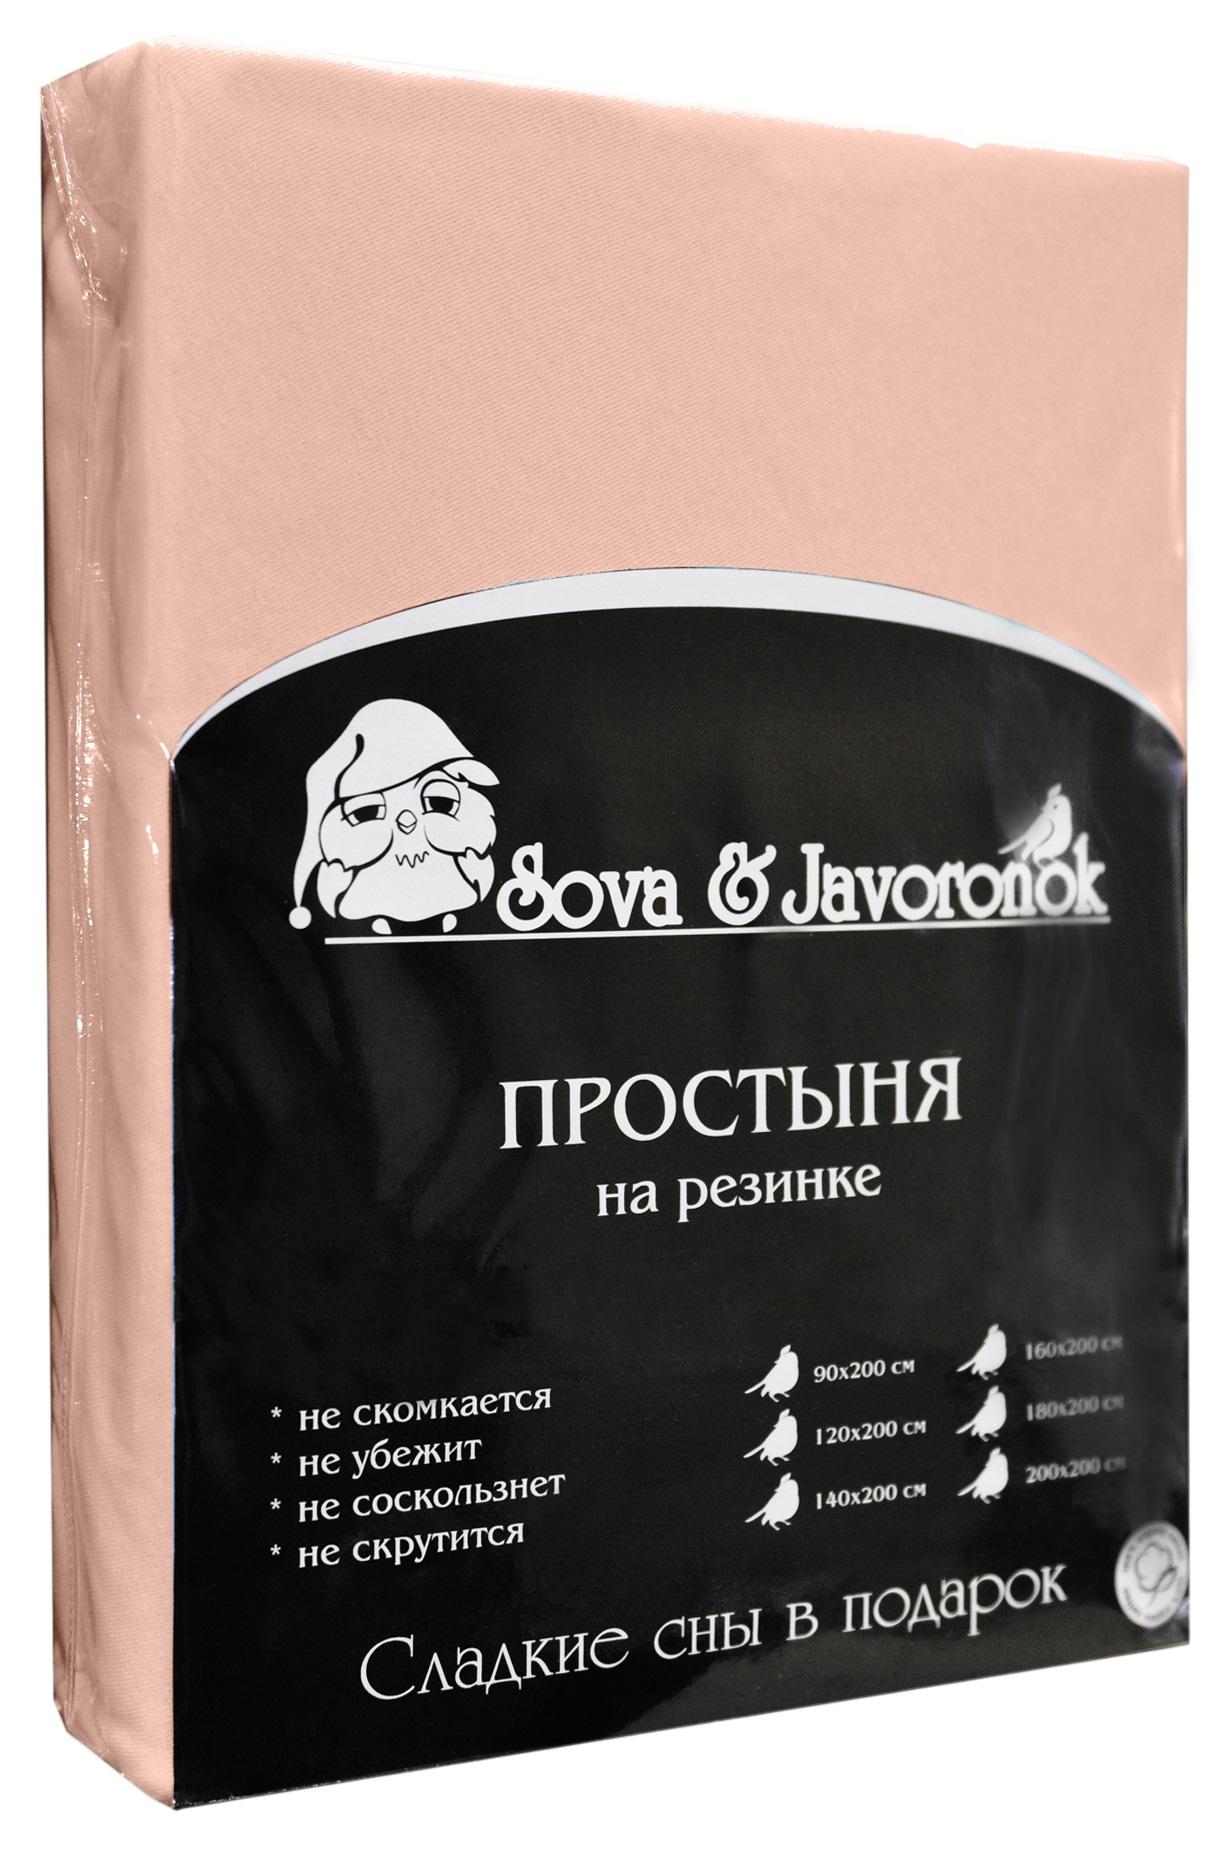 Простыня на резинке Sova & Javoronok, цвет: персиковый, 180 см х 200 см0803113697Простыня на резинке Sova & Javoronok, изготовленная из трикотажной ткани (100% хлопок), будет превосходно смотреться с любыми комплектами белья. Хлопчатобумажный трикотаж по праву считается одним из самых качественных, прочных и при этом приятных на ощупь. Его гигиеничность позволяет использовать простыню и в детских комнатах, к тому же 100%-ый хлопок в составе ткани не вызовет аллергии. У трикотажного полотна очень интересная структура, немного рыхлая за счет отсутствия плотного переплетения нитей и наличия особых петель, благодаря этому простыня Сова и Жаворонок отлично пропускает воздух и способствует его постоянной циркуляции. Поэтому ваша постель будет всегда оставаться свежей. Но главное и, пожалуй, самое известное свойство трикотажа - это его великолепная растяжимость, поэтому эта ткань и была выбрана для натяжной простыни на резинке.Простыня прошита резинкой по всему периметру, что обеспечивает более комфортный отдых, так как она прочно удерживается на матрасе и избавляет от необходимости часто поправлять простыню.